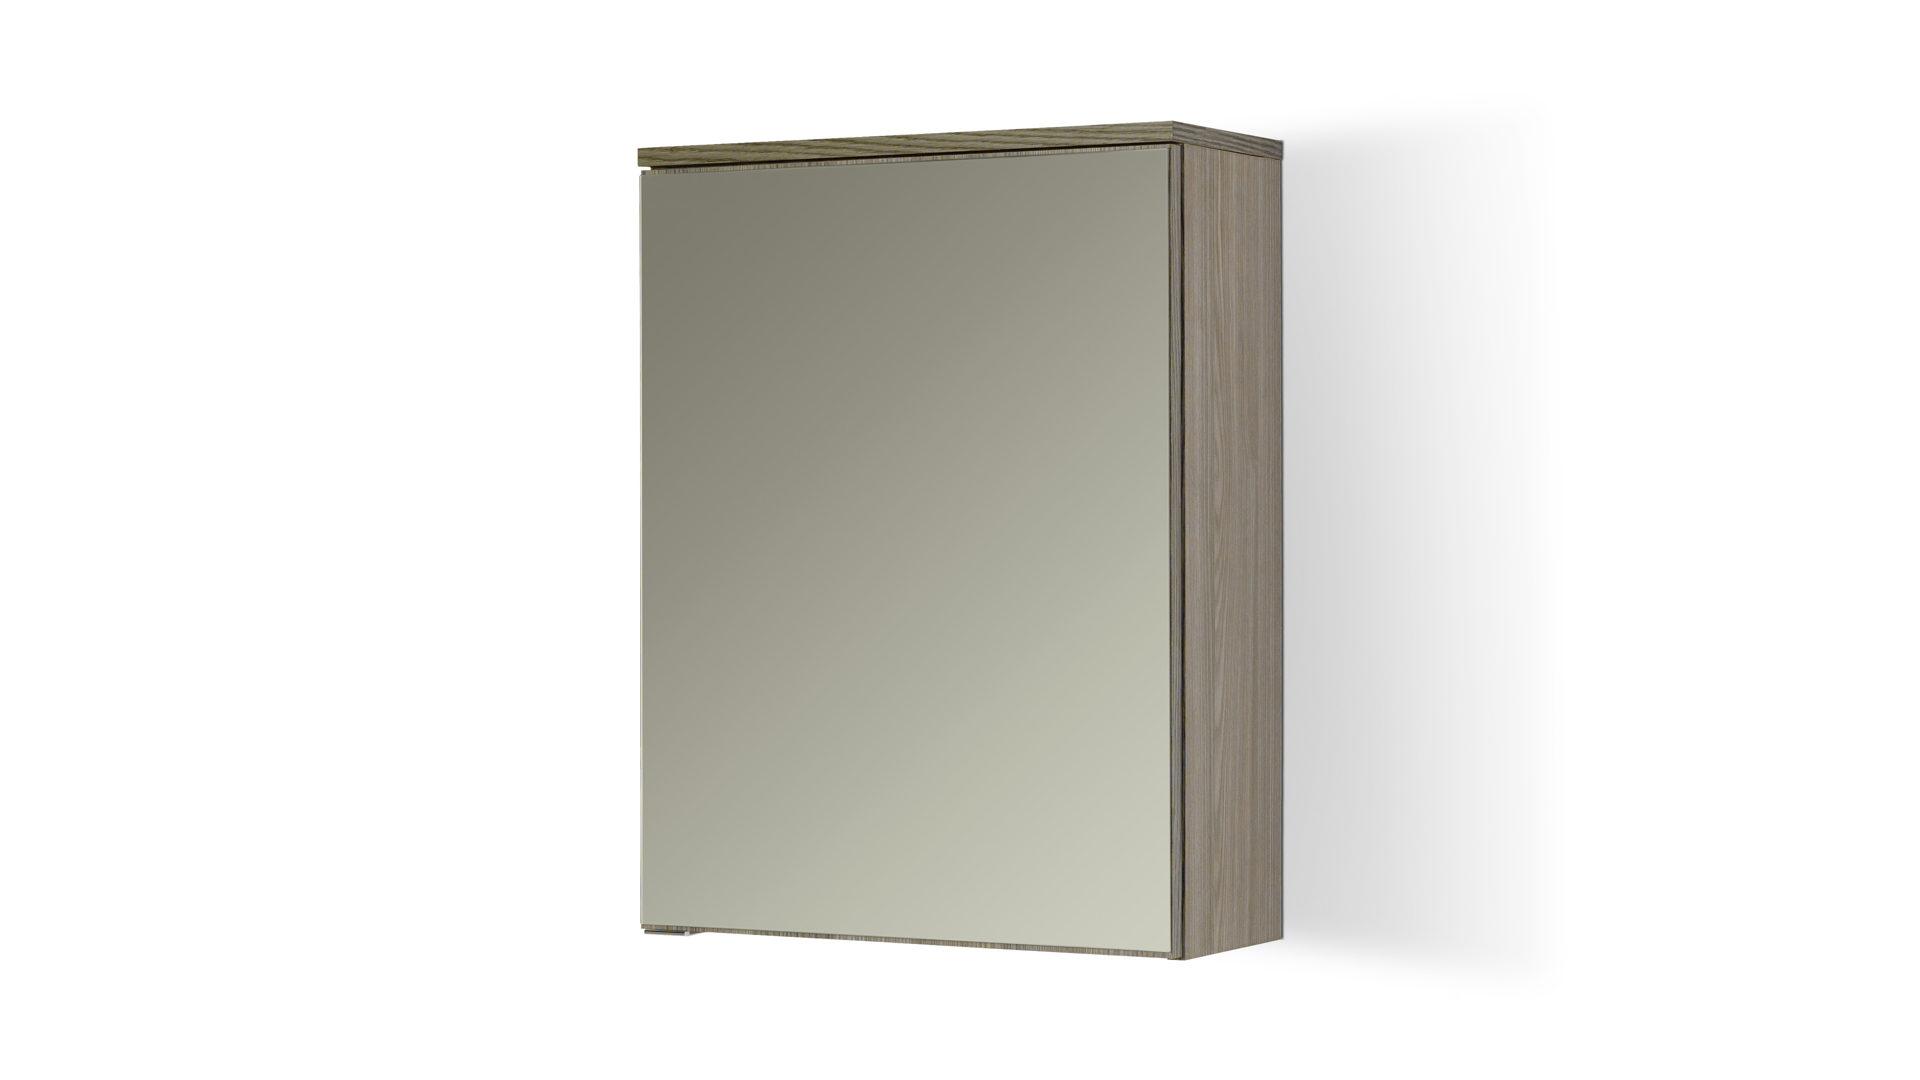 Spiegelschrank Mailand, ein Hängeschrank fürs Badezimmer, dunkel  eichefarbene Melaminoberfläche – Breite a. 60 cm